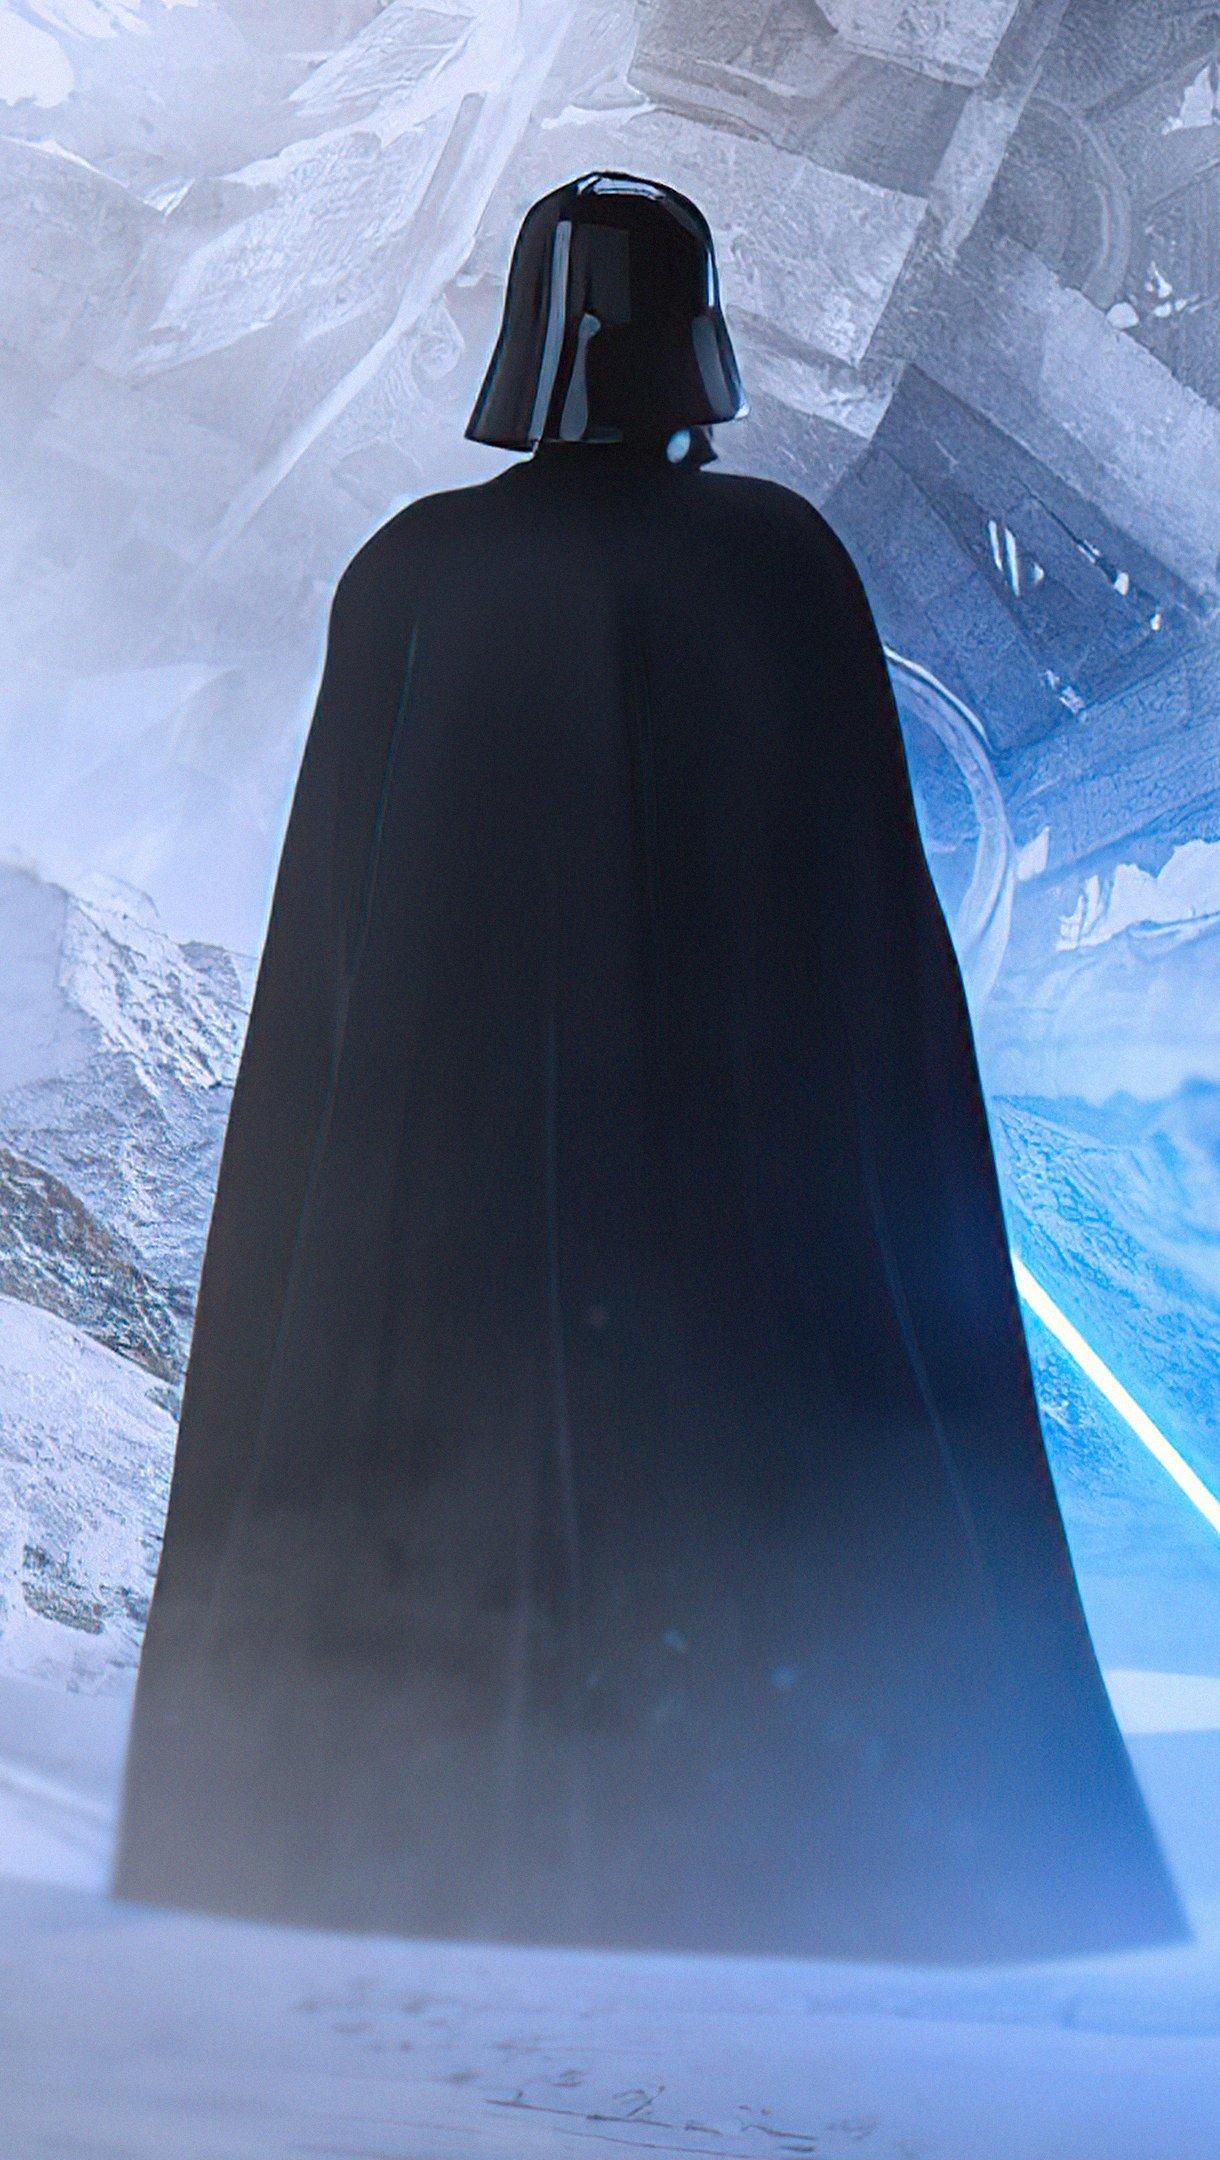 Fondos de pantalla Darth Vader personaje de Star Wars Vertical